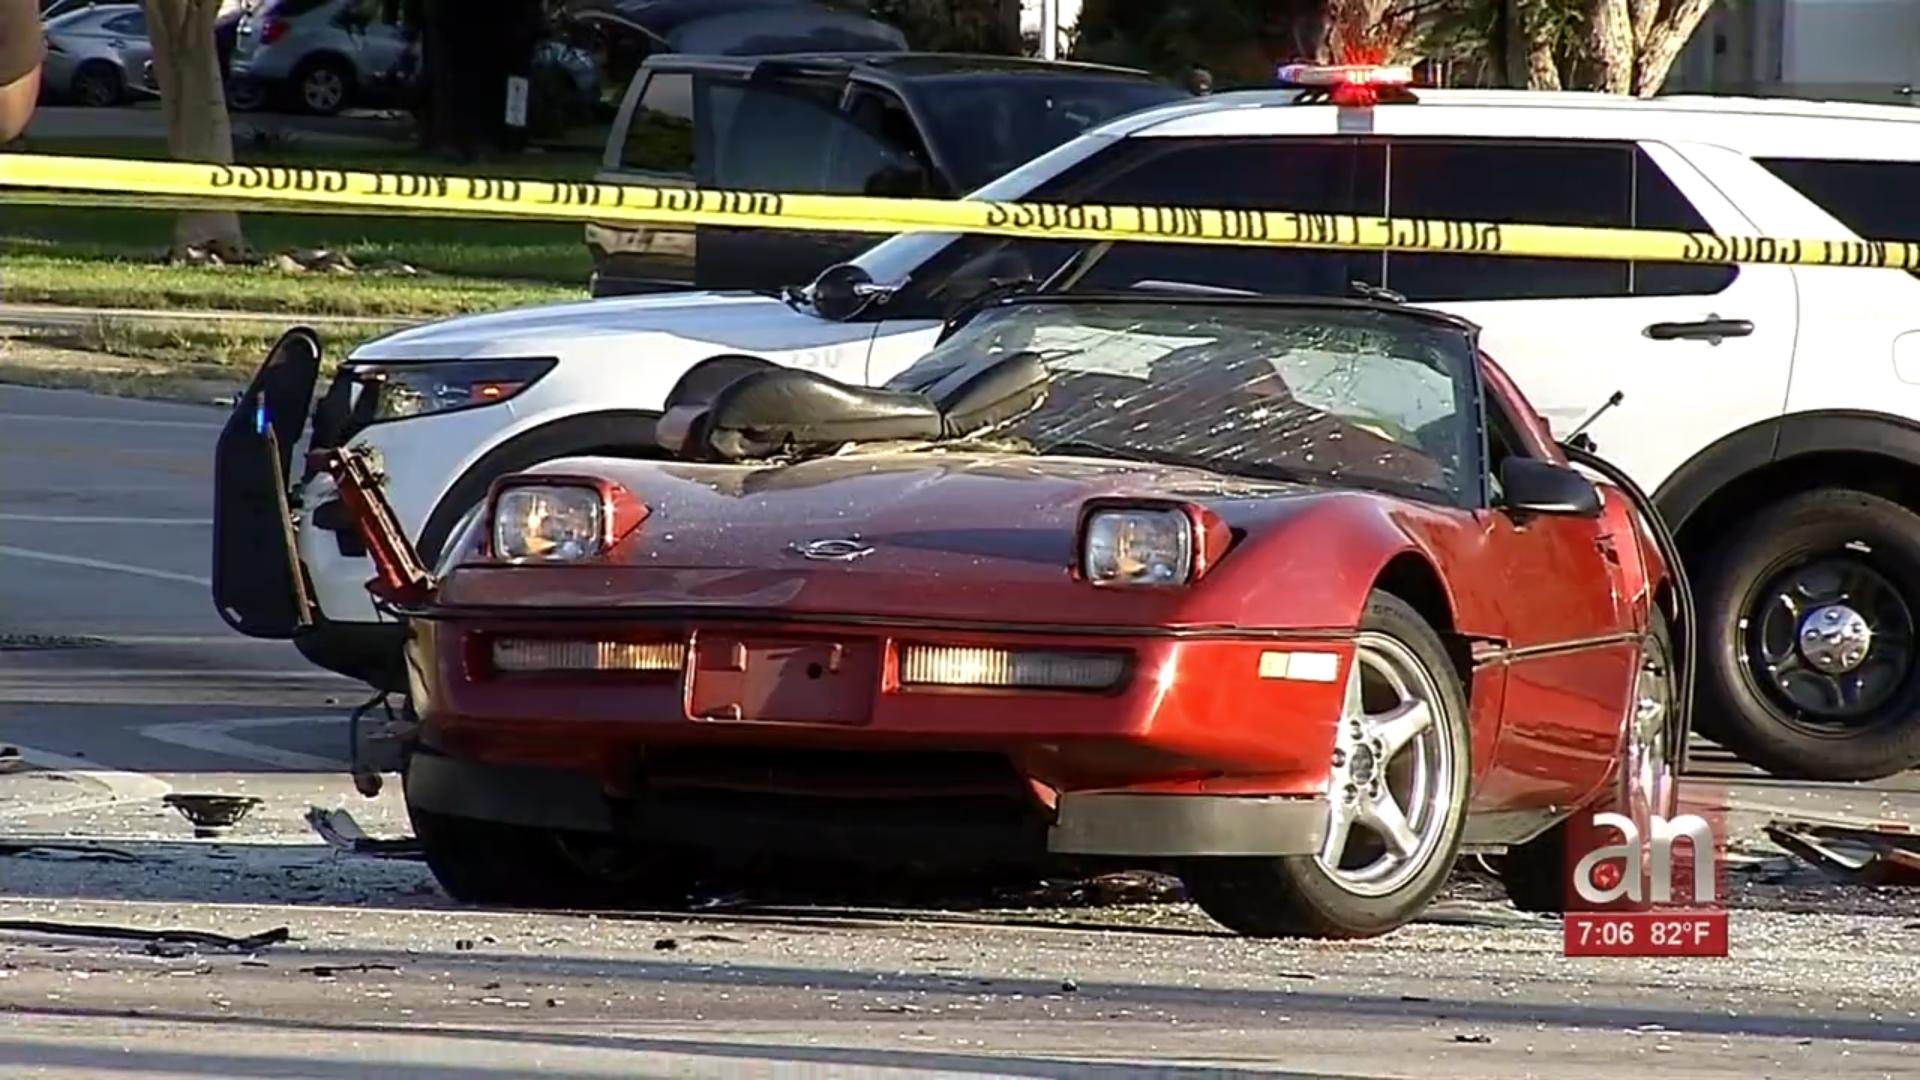 El conductor de un Corvette muerte en terrible accidente en Miami Gardens